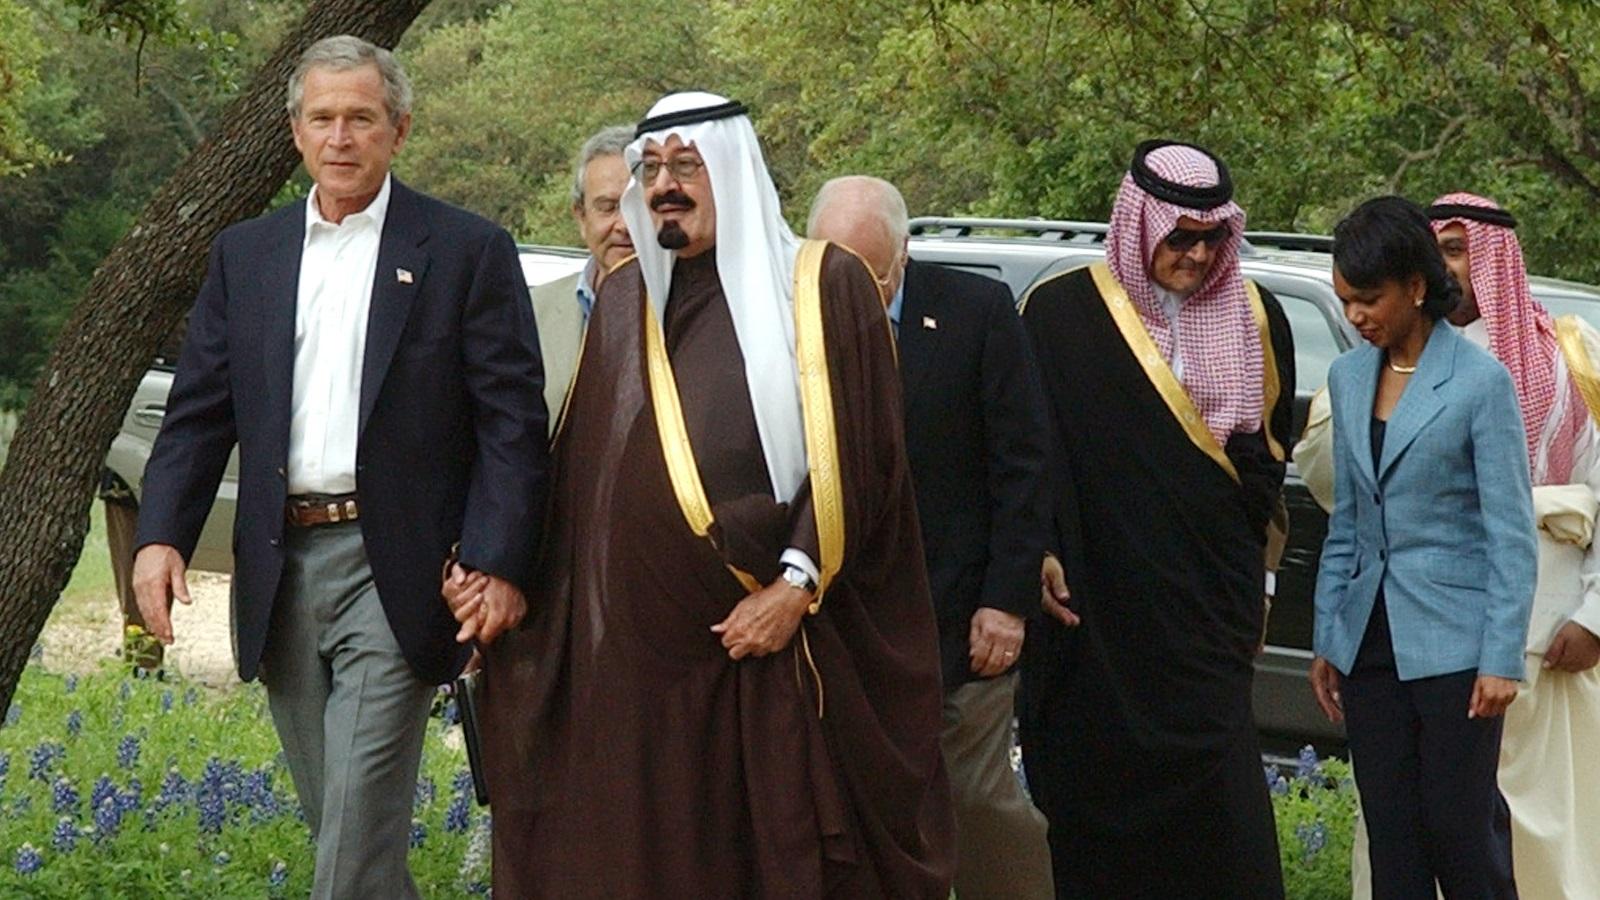 الملك الراحل عبد الله بن عبد العزيز والرئيس الأميركي السابق جورج بوش (غيتي)